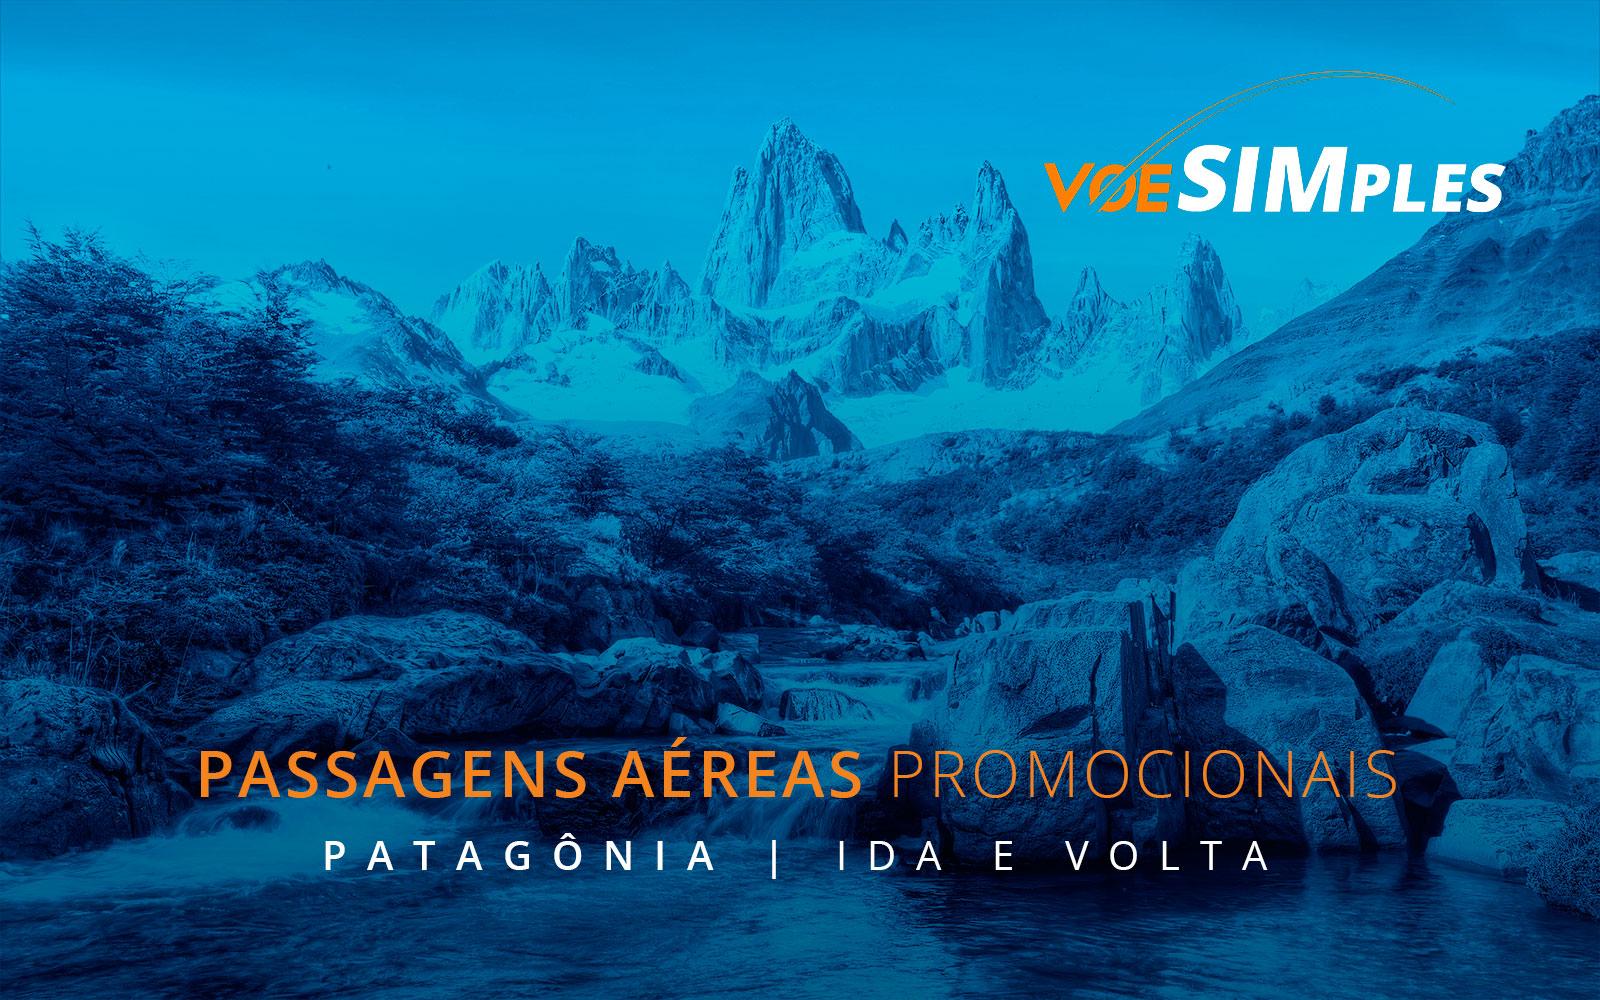 Passagens aéreas promocionais para a Patagônia